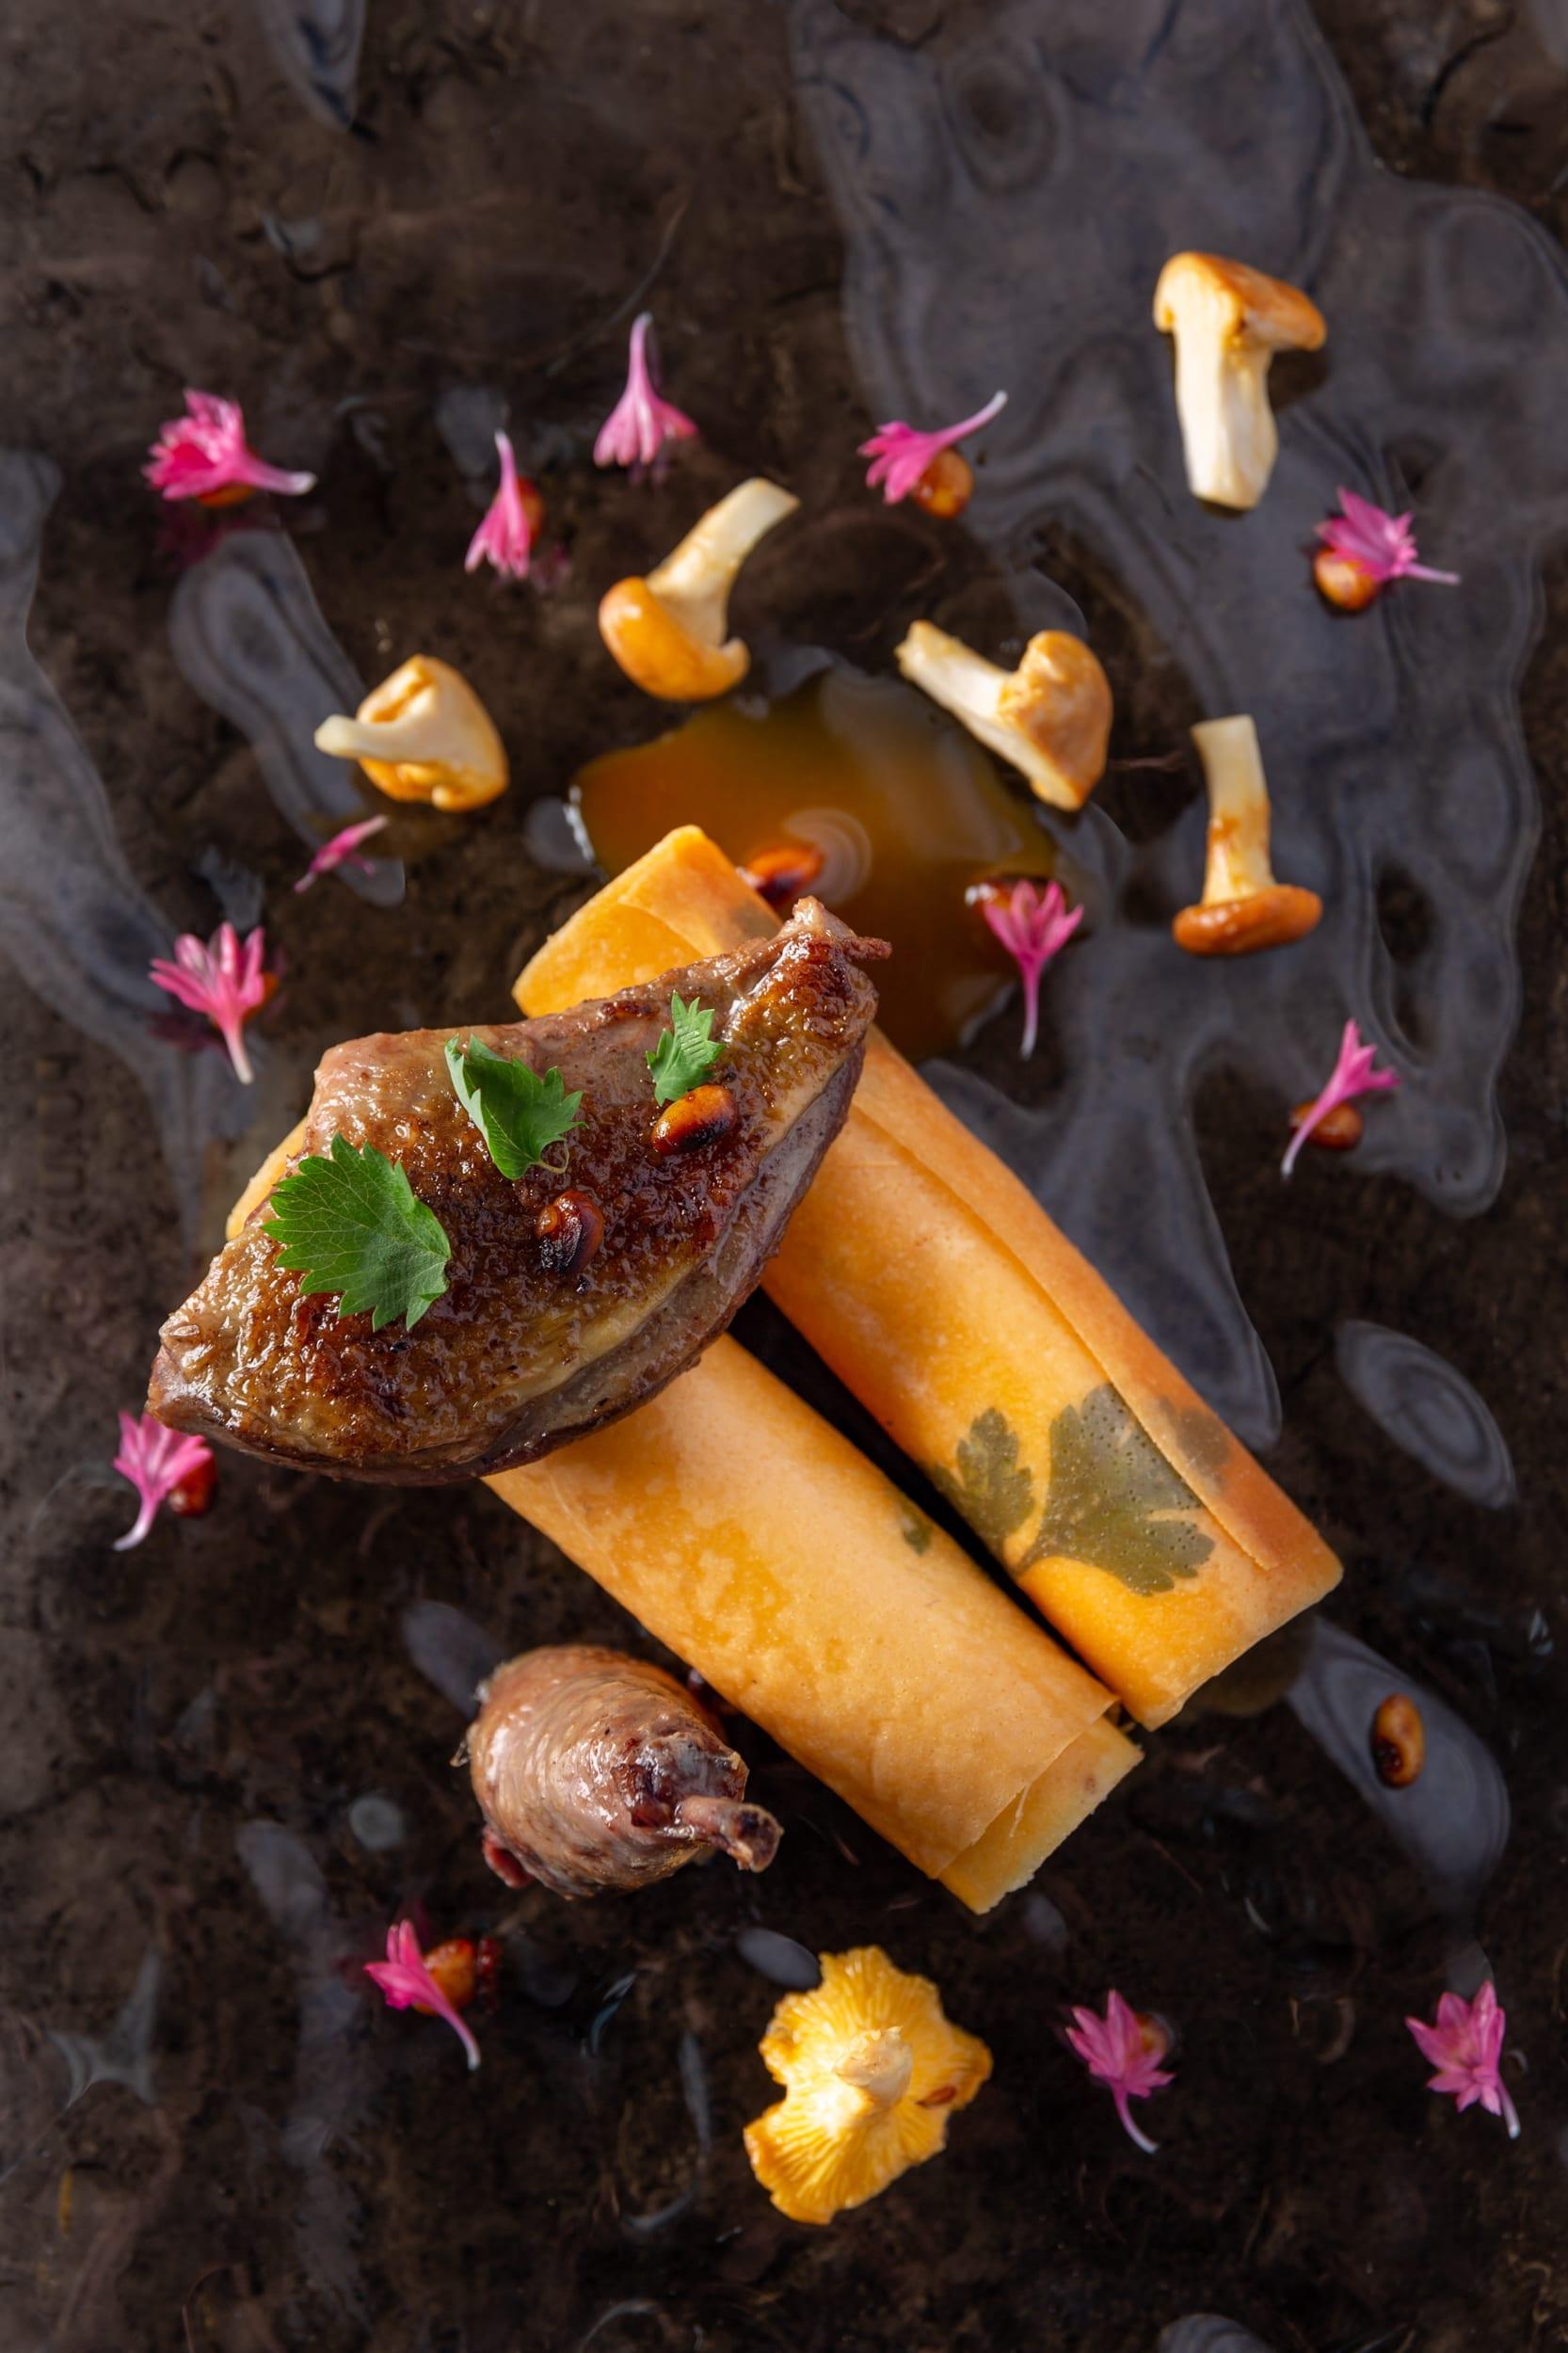 Canard et champignon du restaurant La Tour à Espalion menu